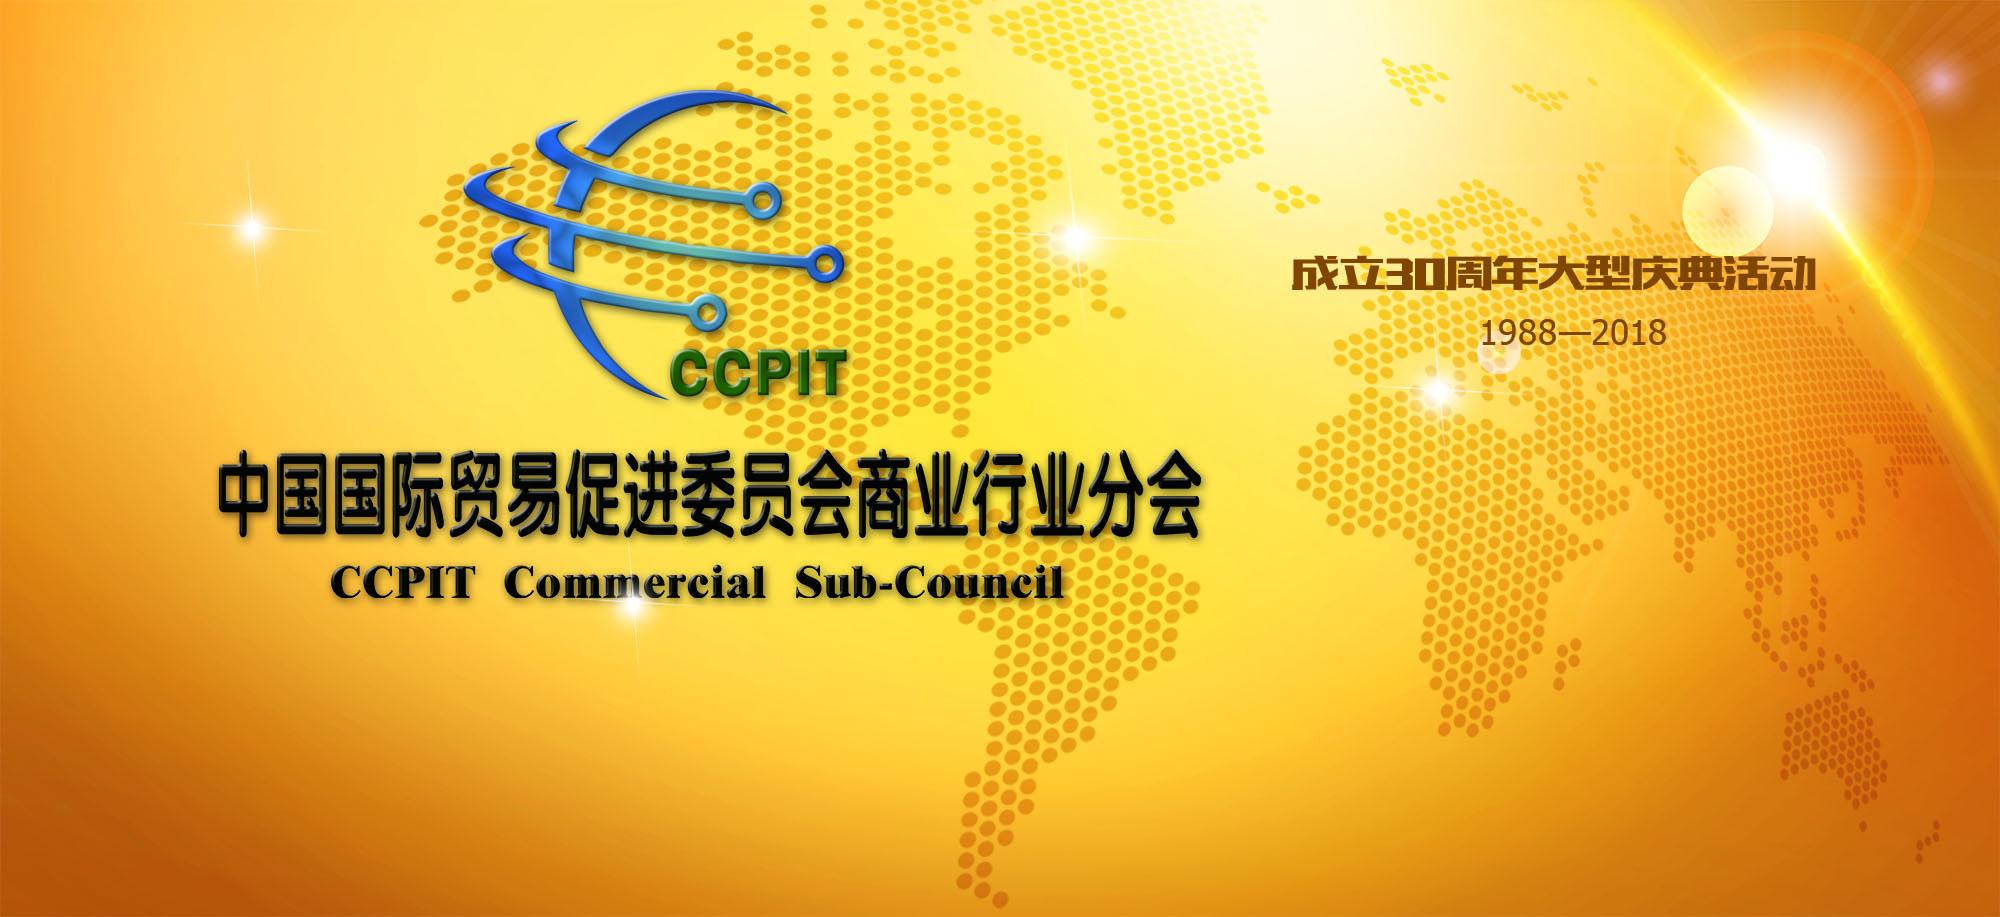 中国贸促会商业行业分会30周年logo_2958518_k68威客网